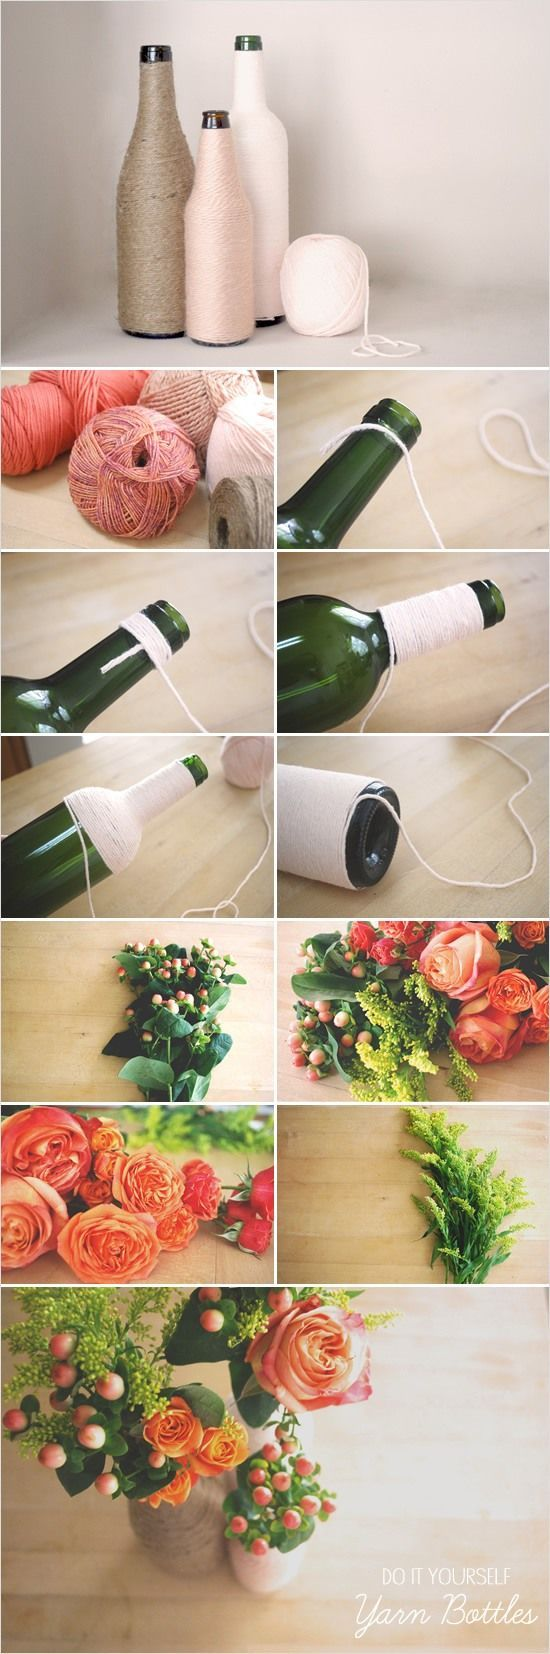 Floreros con botellas recicladas - DIY Recycled Bottle Vases